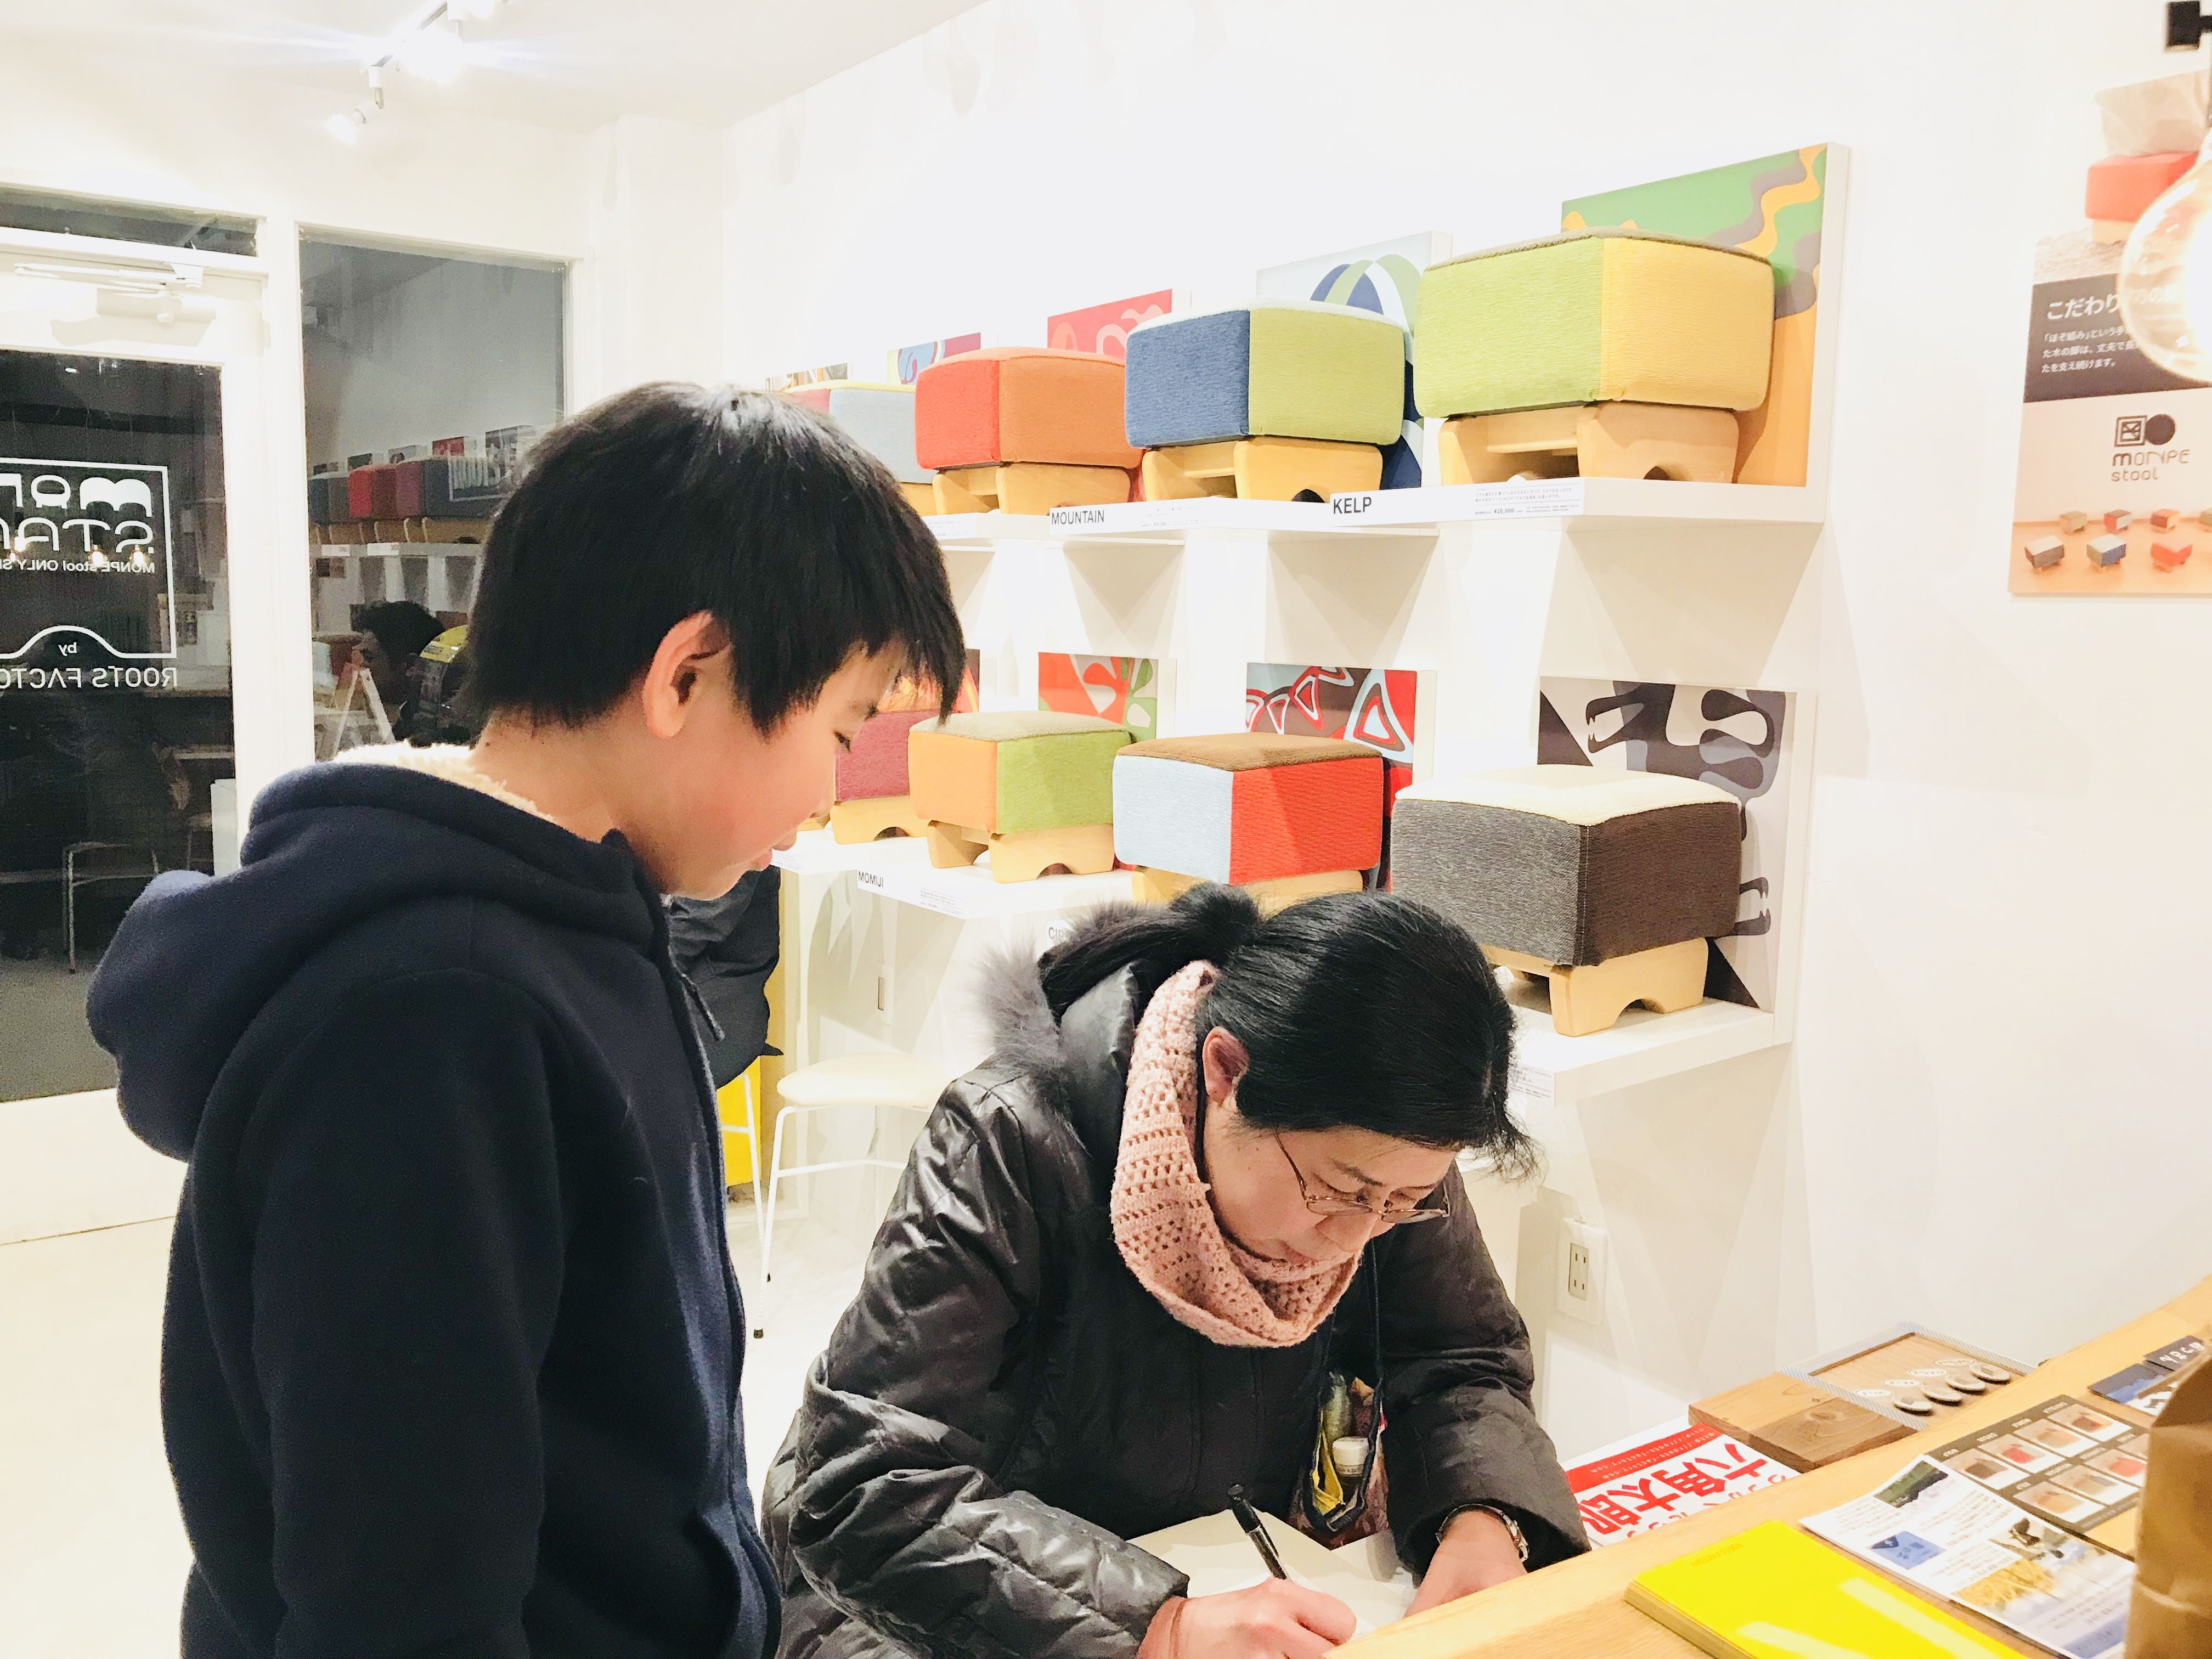 ルーツファクトリー東京店 お客さま